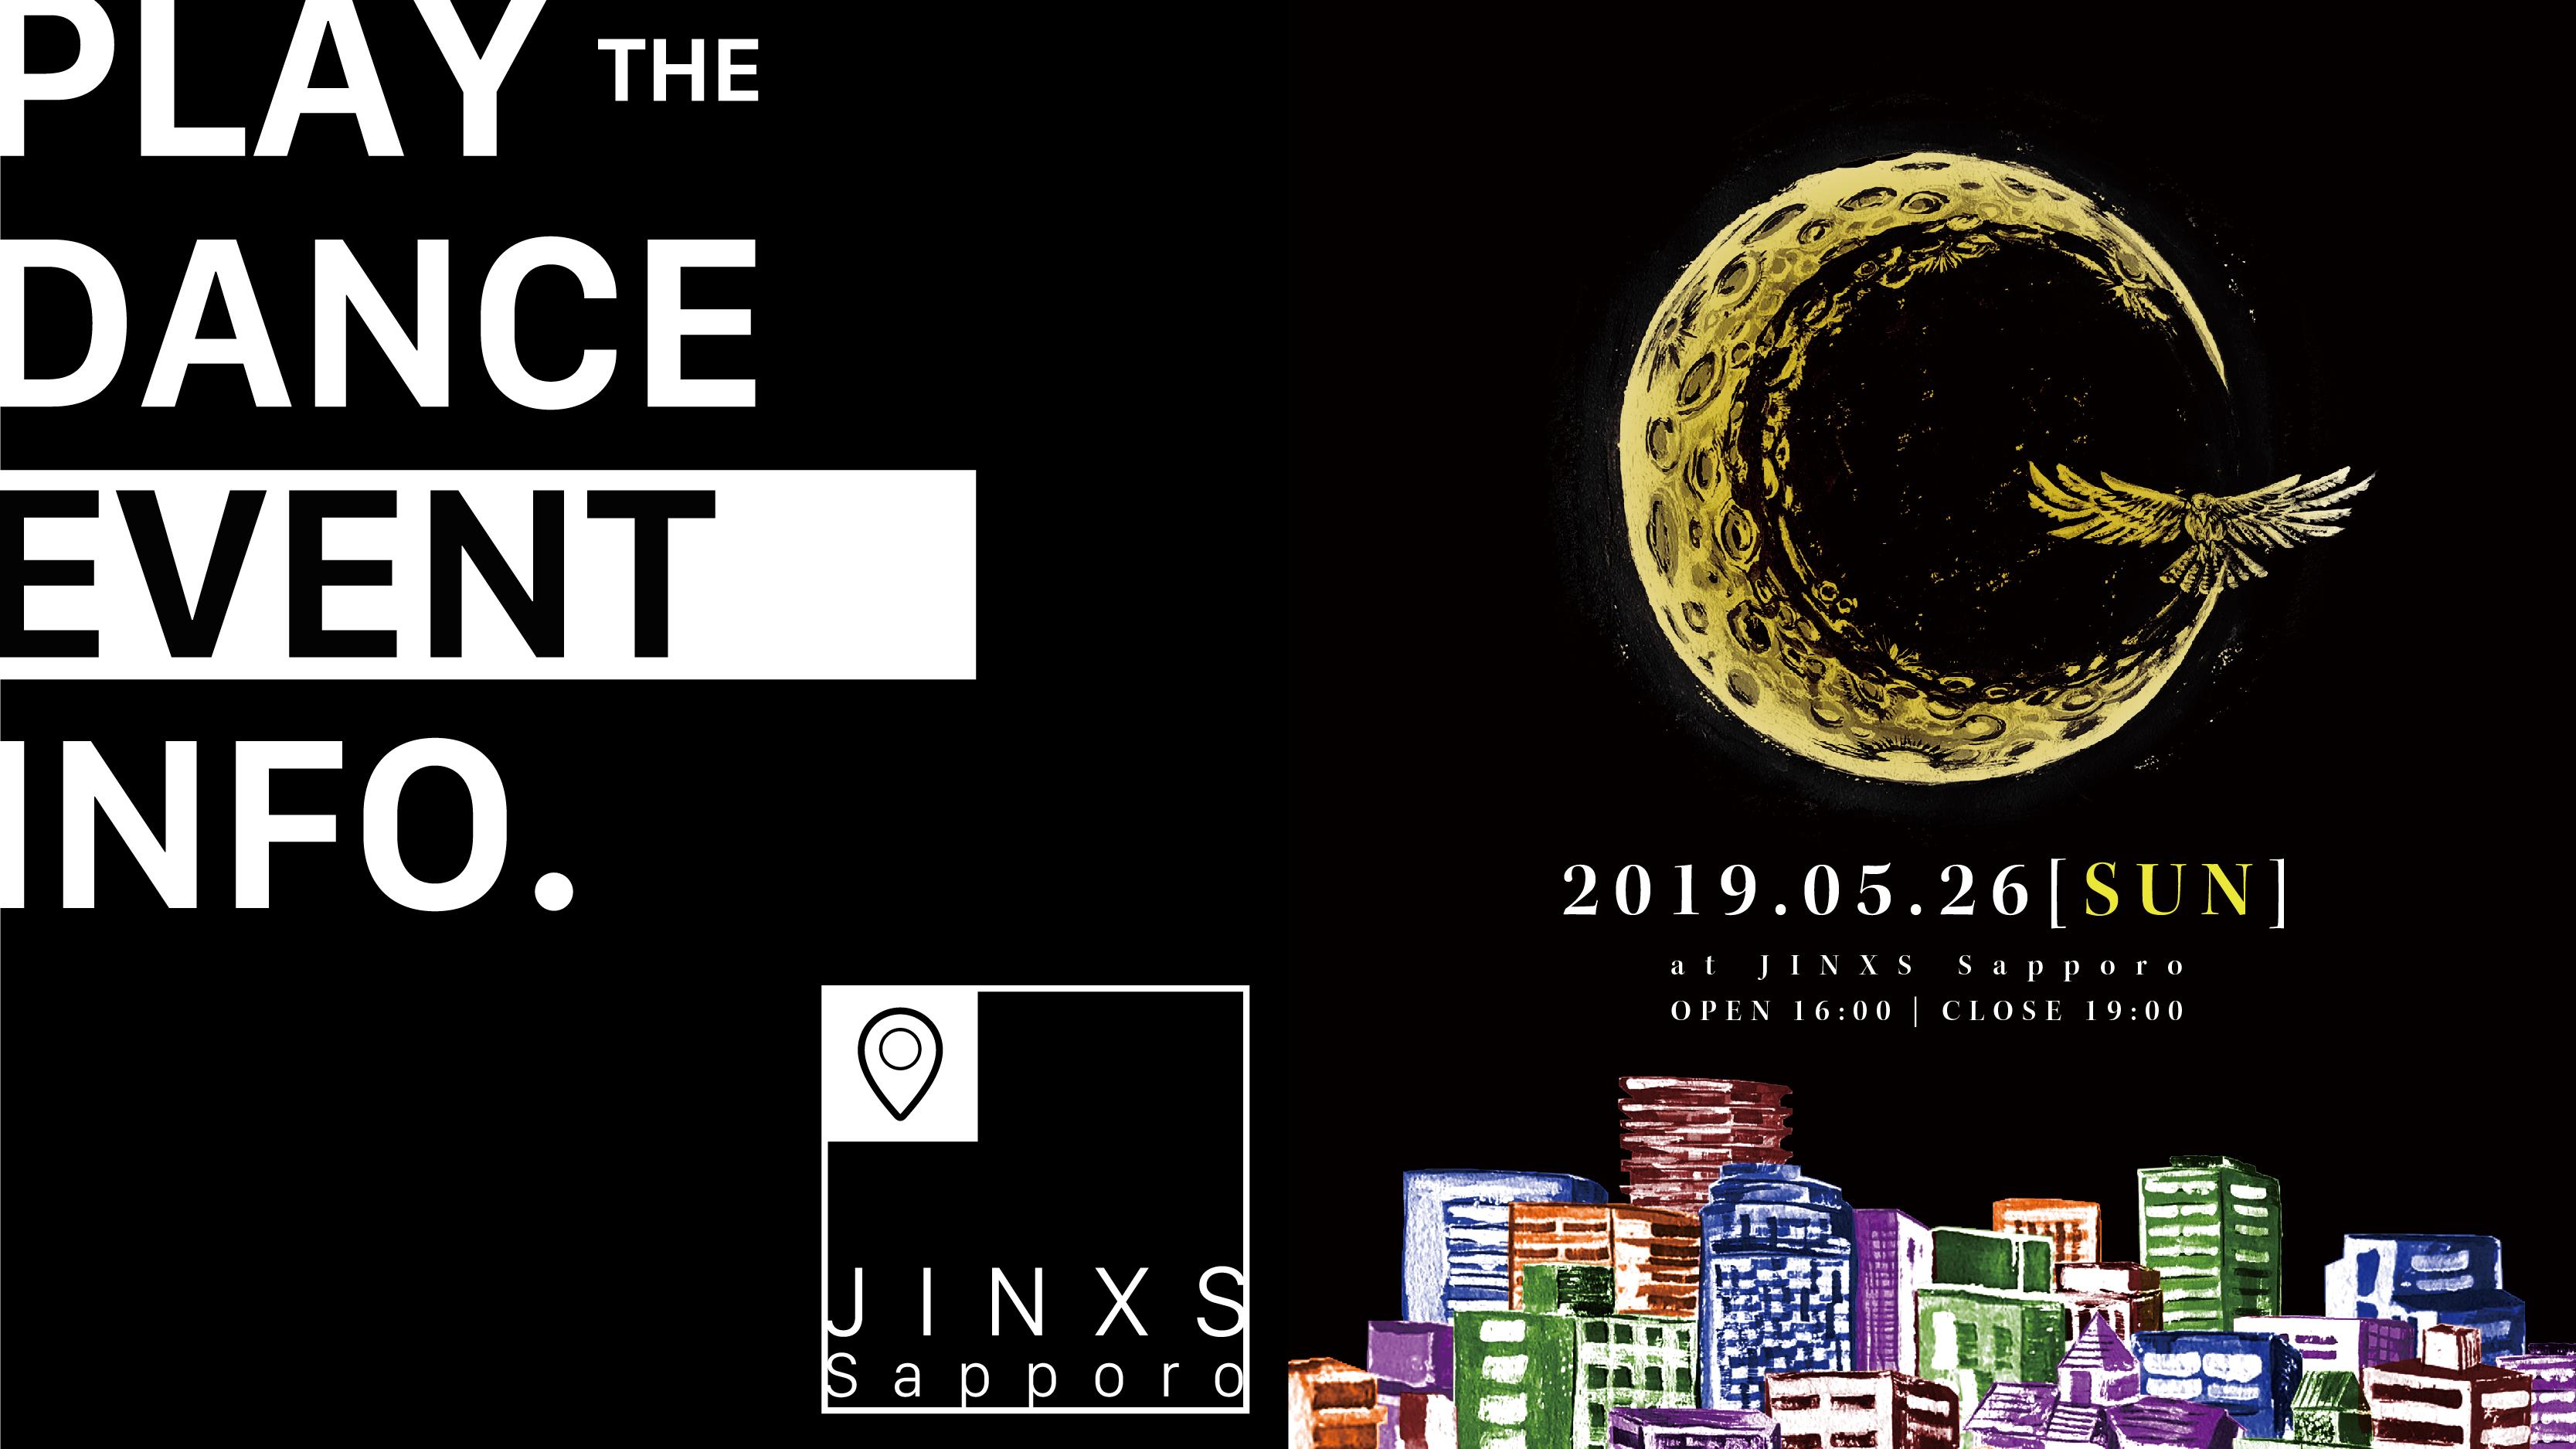 [DANXS]JINXS Sapporo